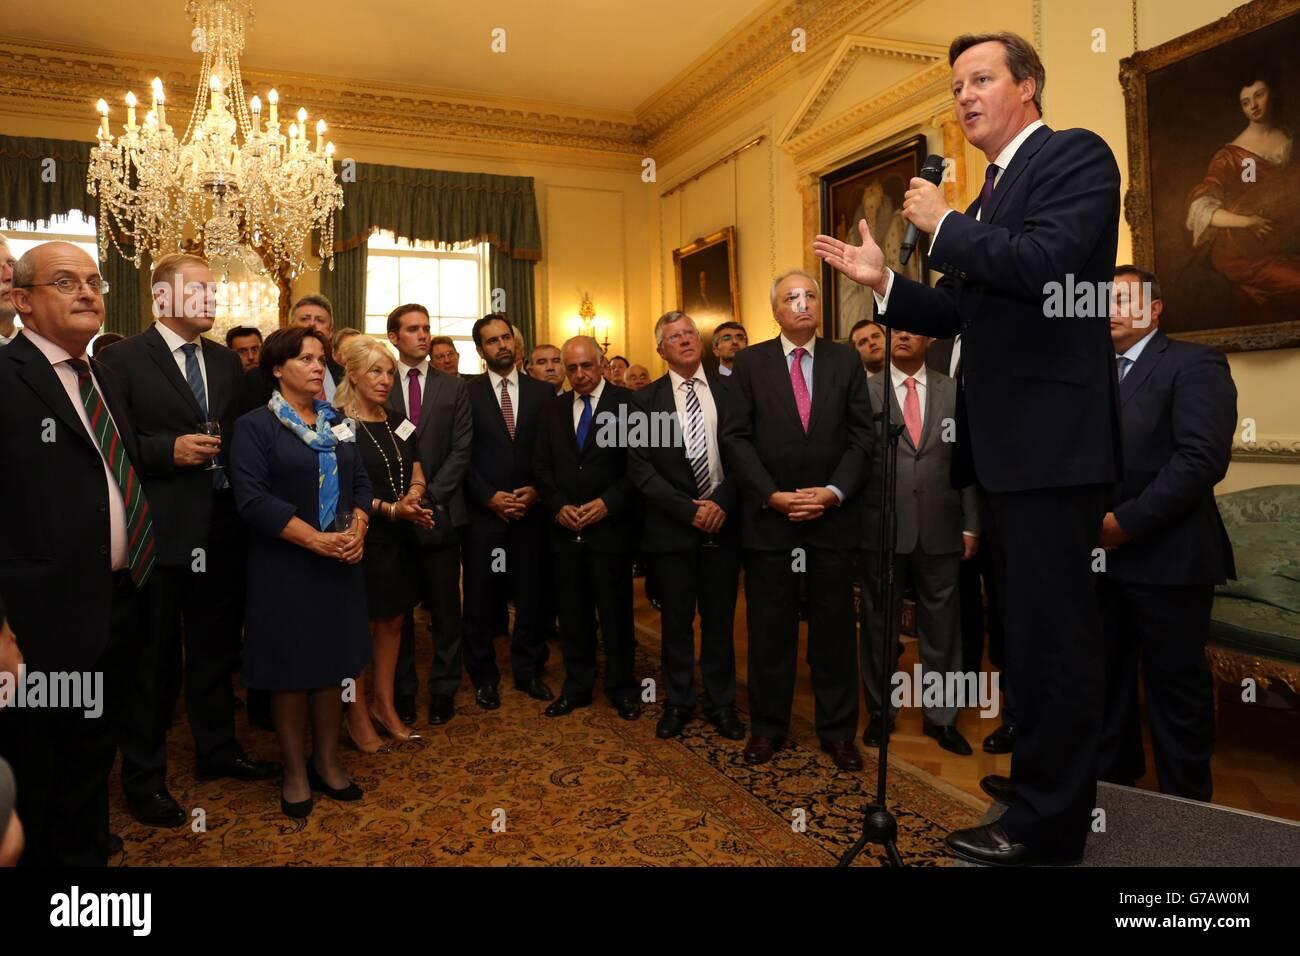 Nato Summit 2014 - Stock Image